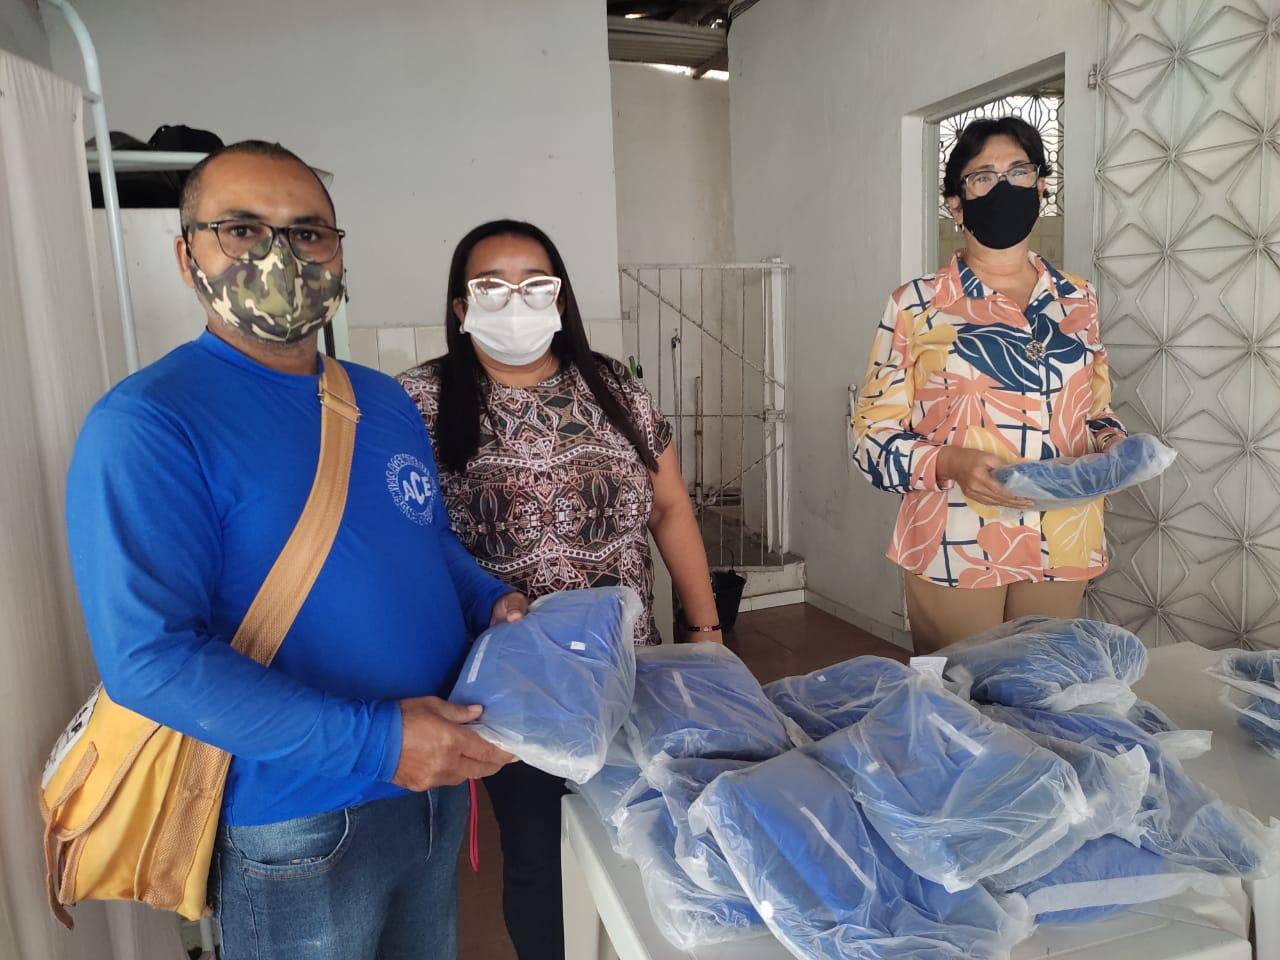 Prefeitura distribui novo uniforme para agentes de combate à endemias